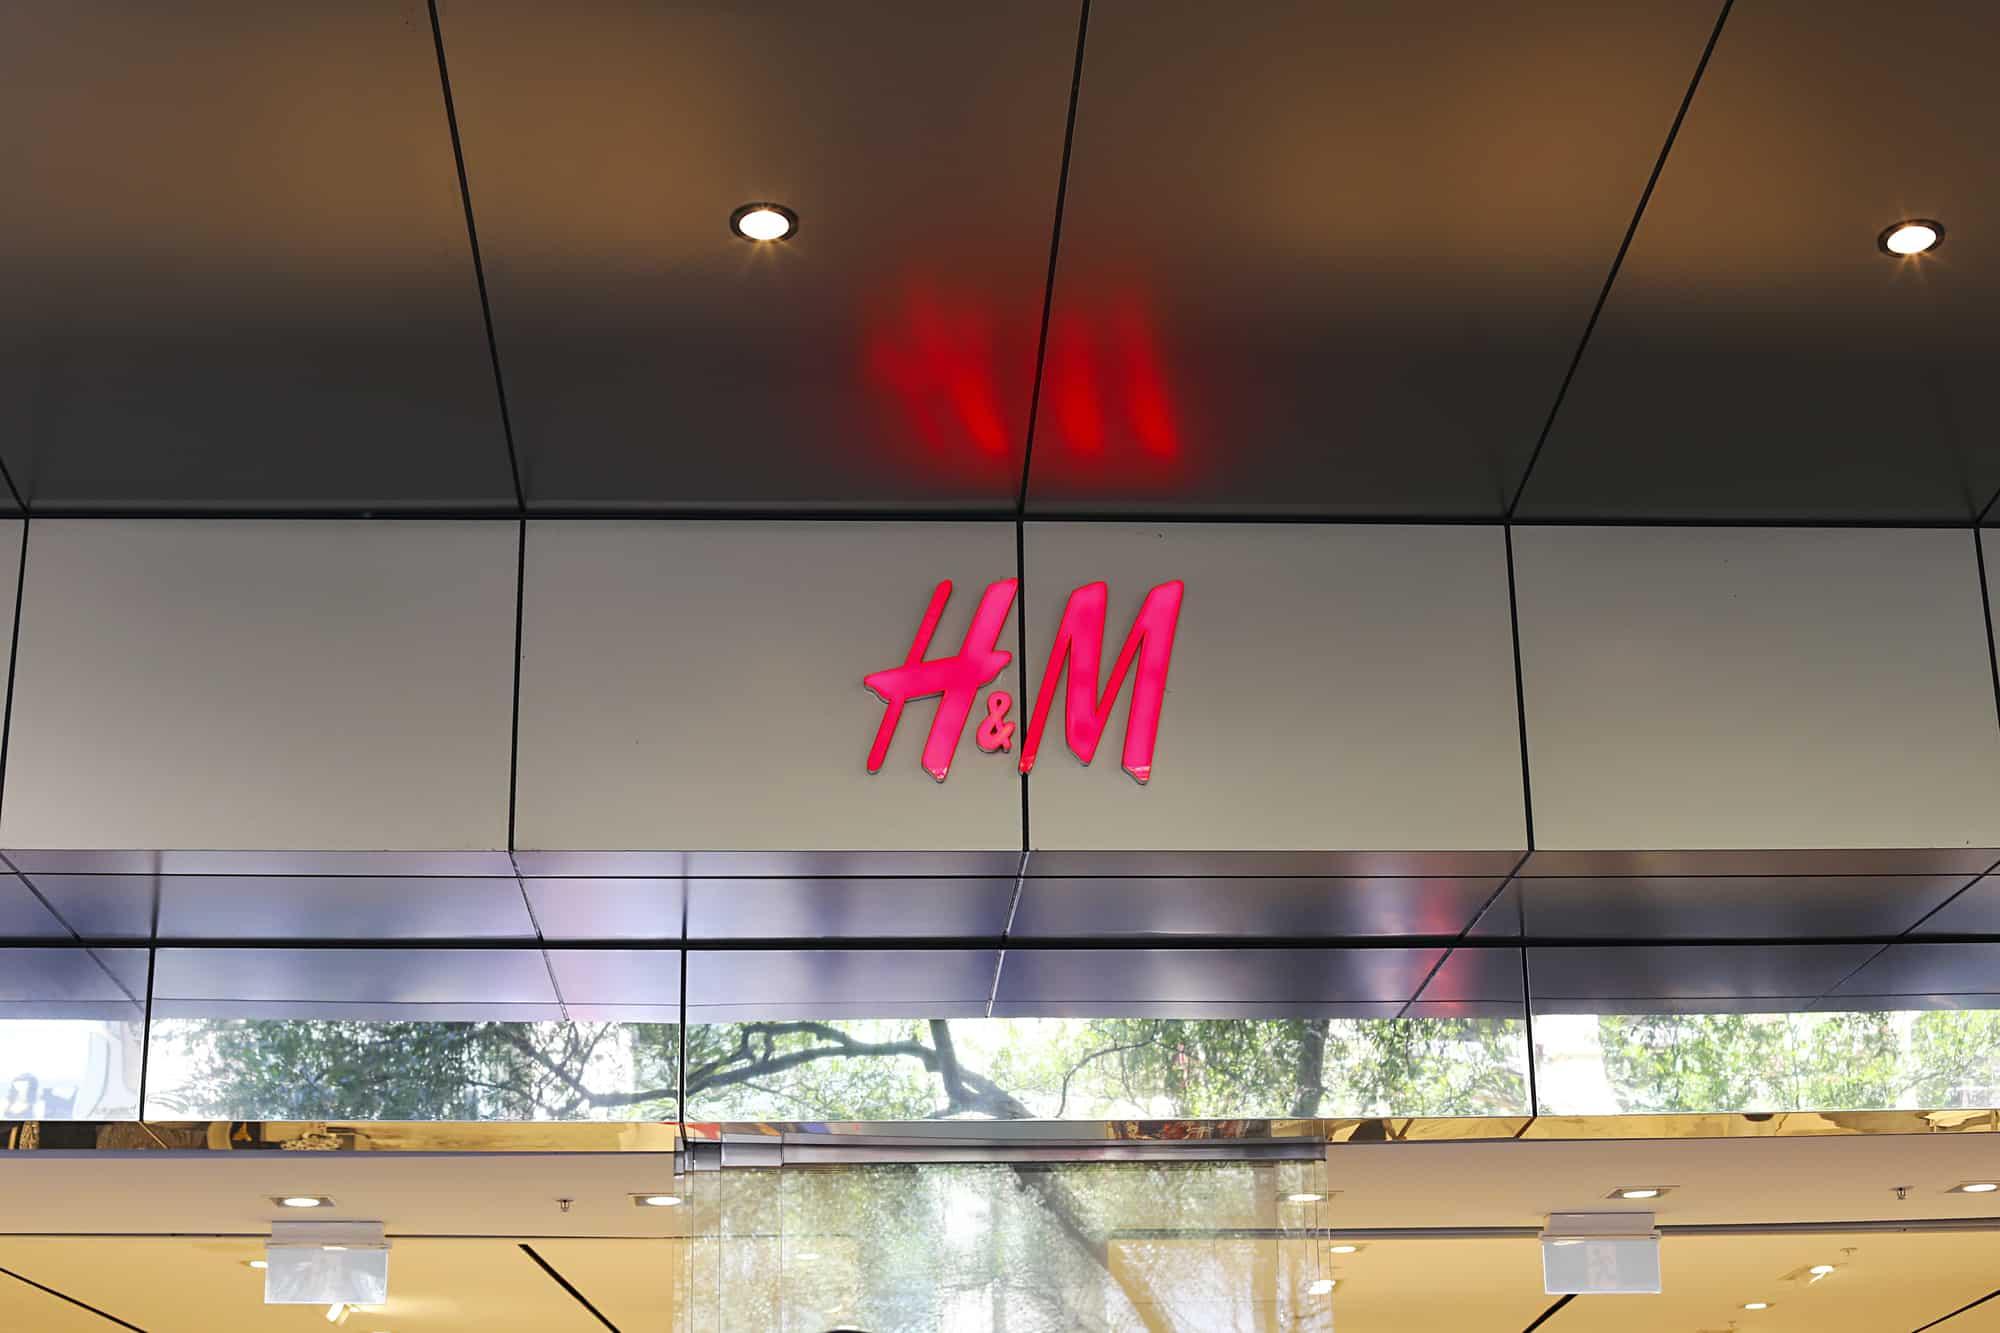 H&M announce a 71.2% decline in profits